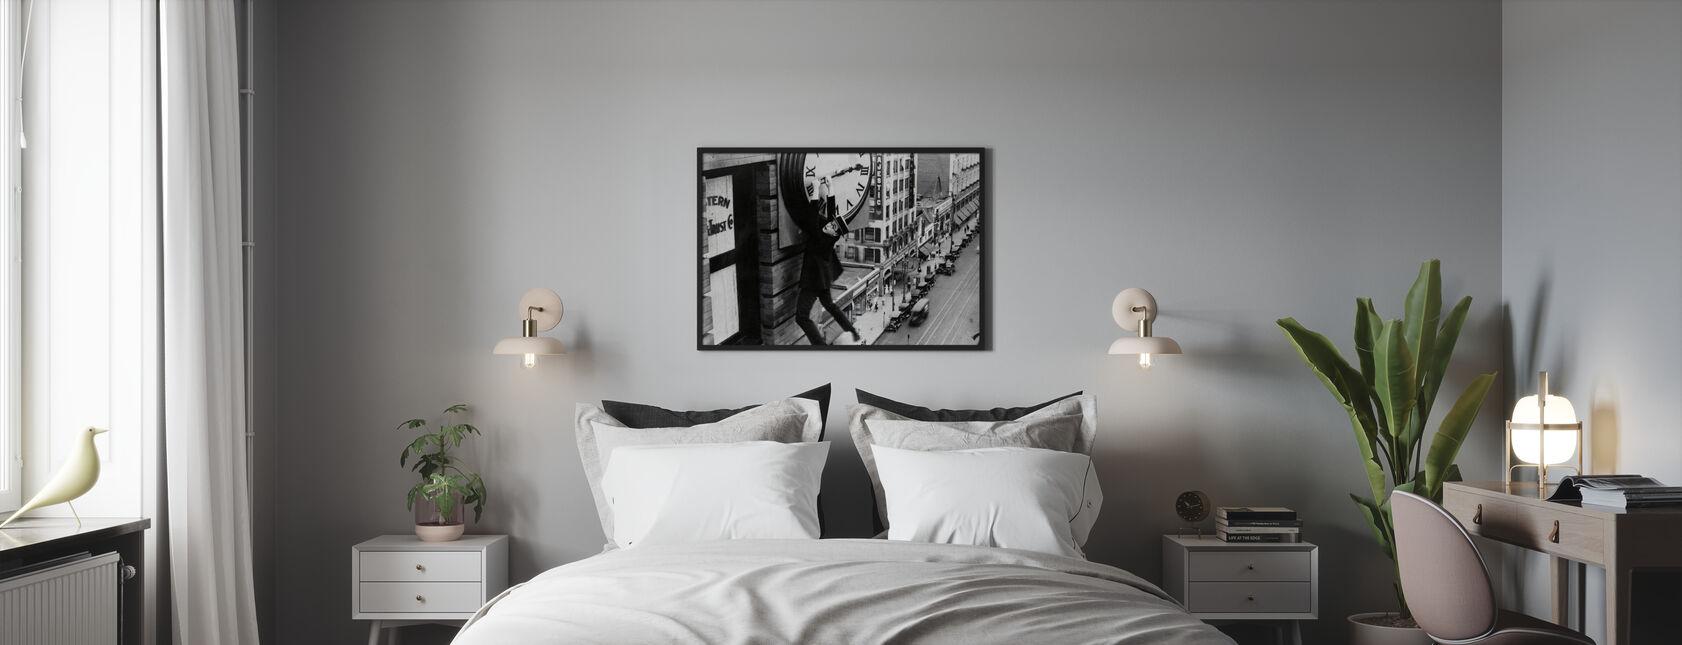 Harold Lloyd in Safety Last - Poster - Bedroom